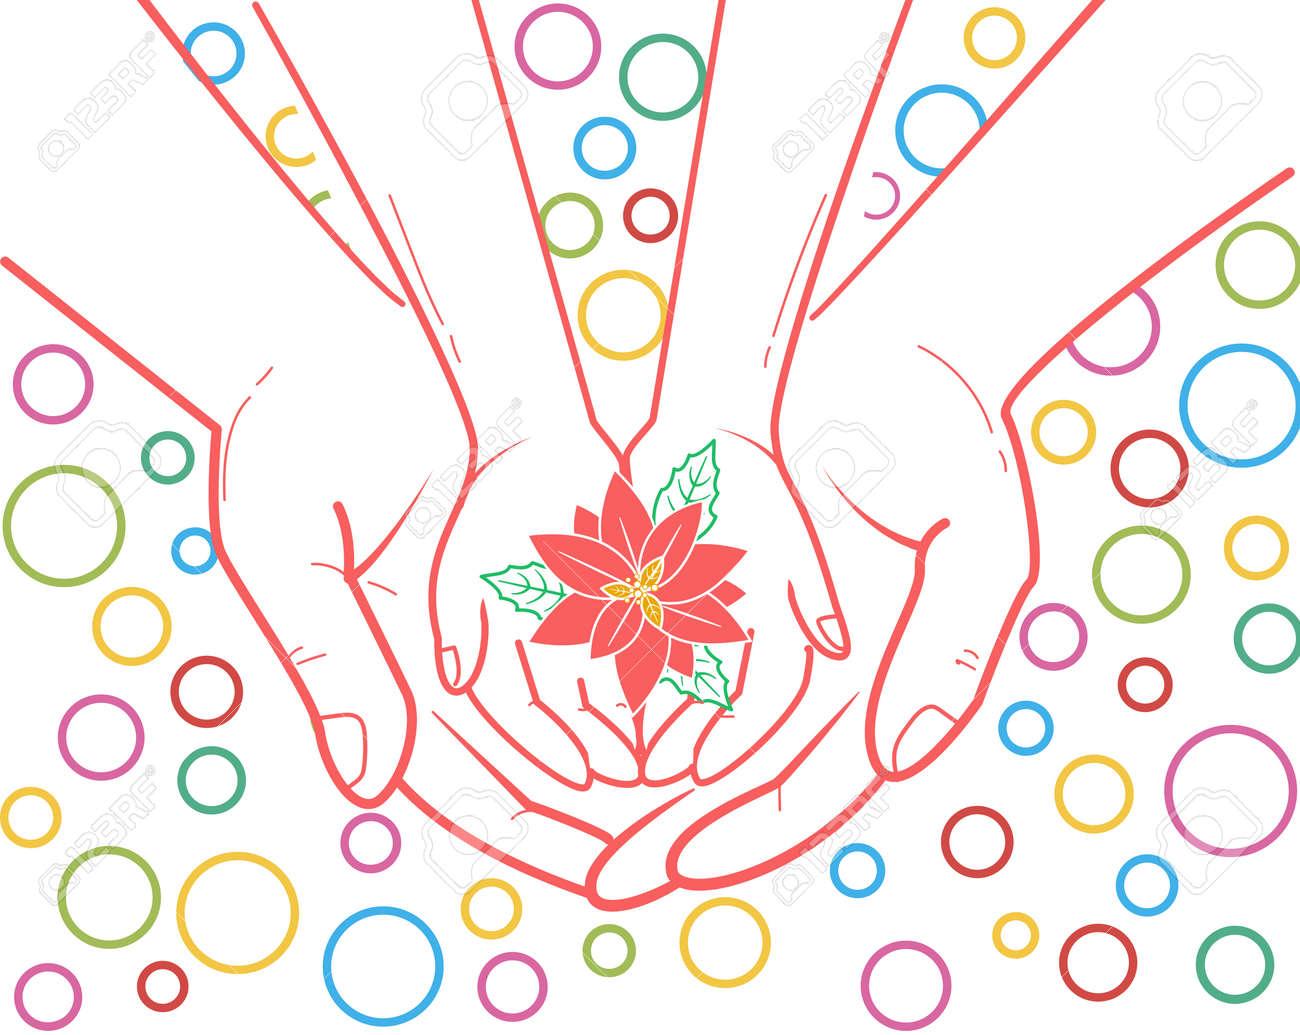 保護彼女の手で子供の手と花を持って大人の手の形で子供の世話の概念